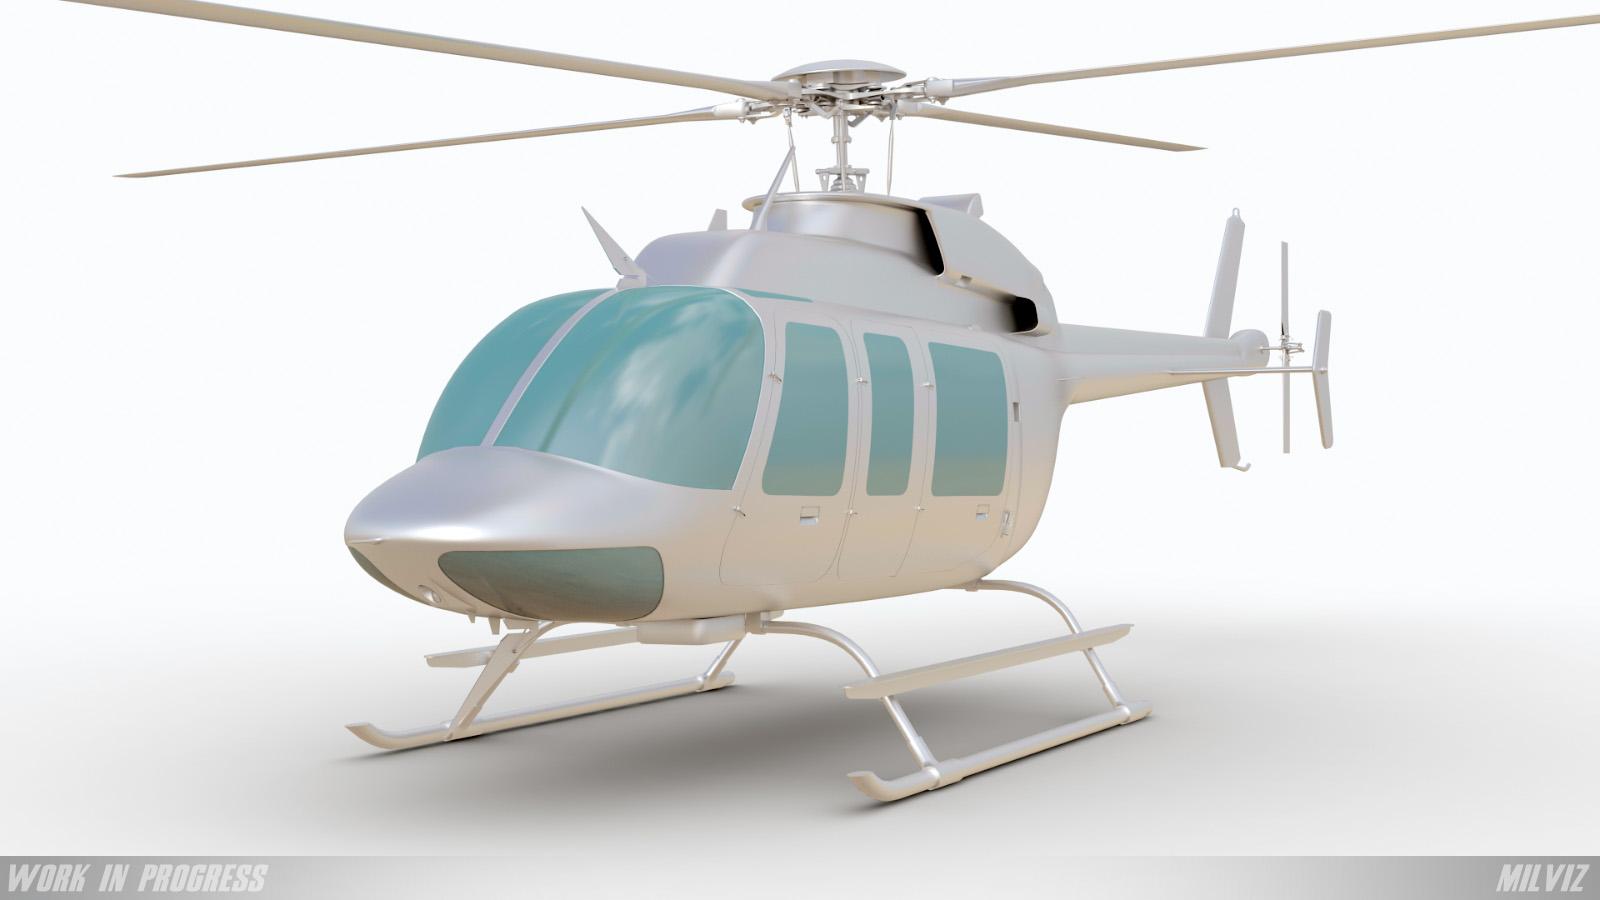 10 飞机 模型 直升机 1600_900